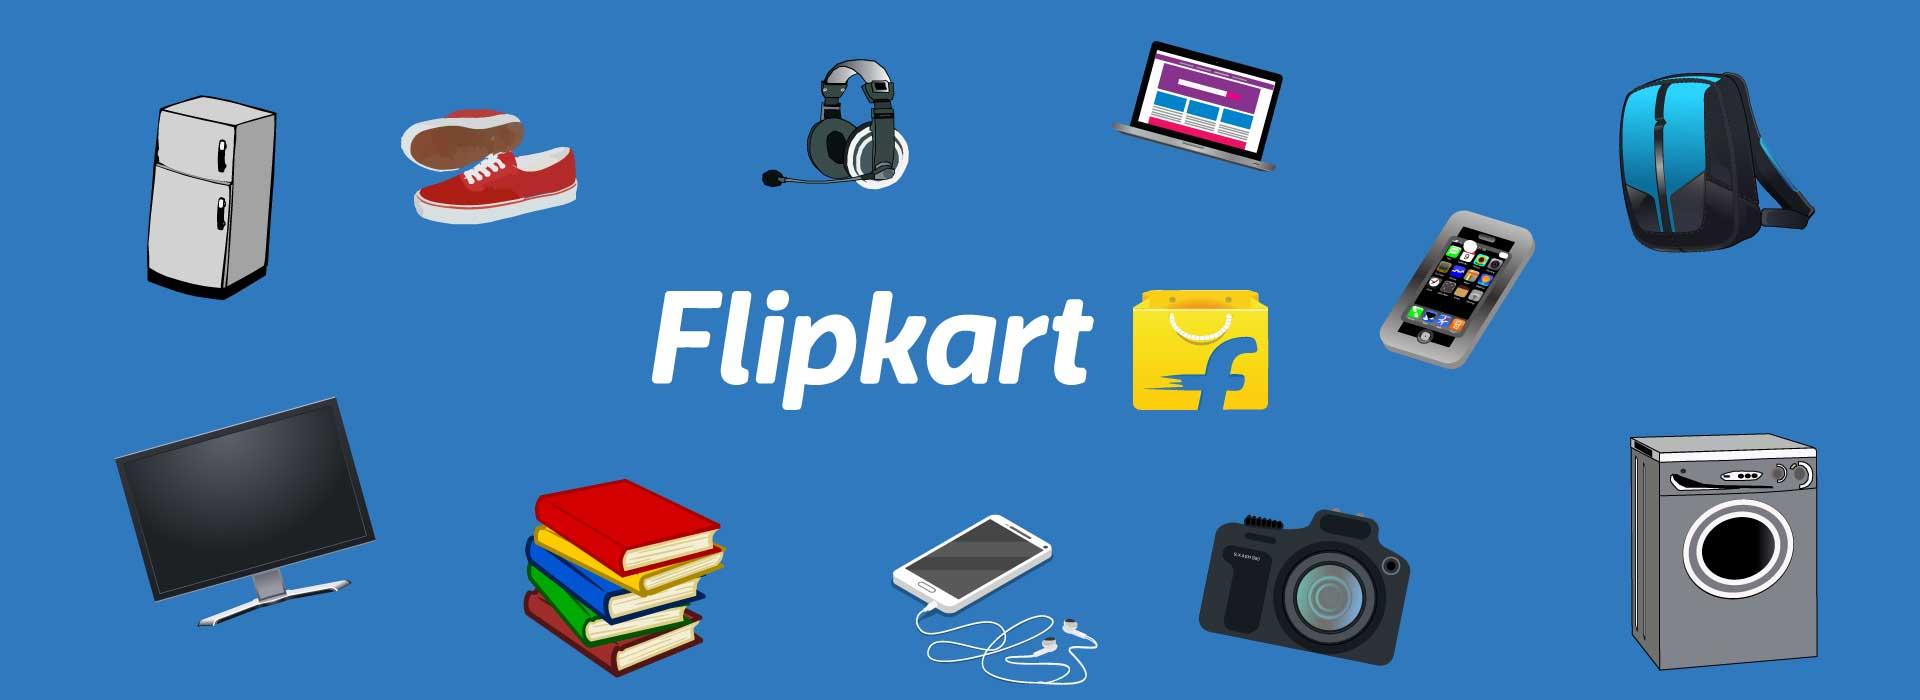 HDFC Flipkart Sale